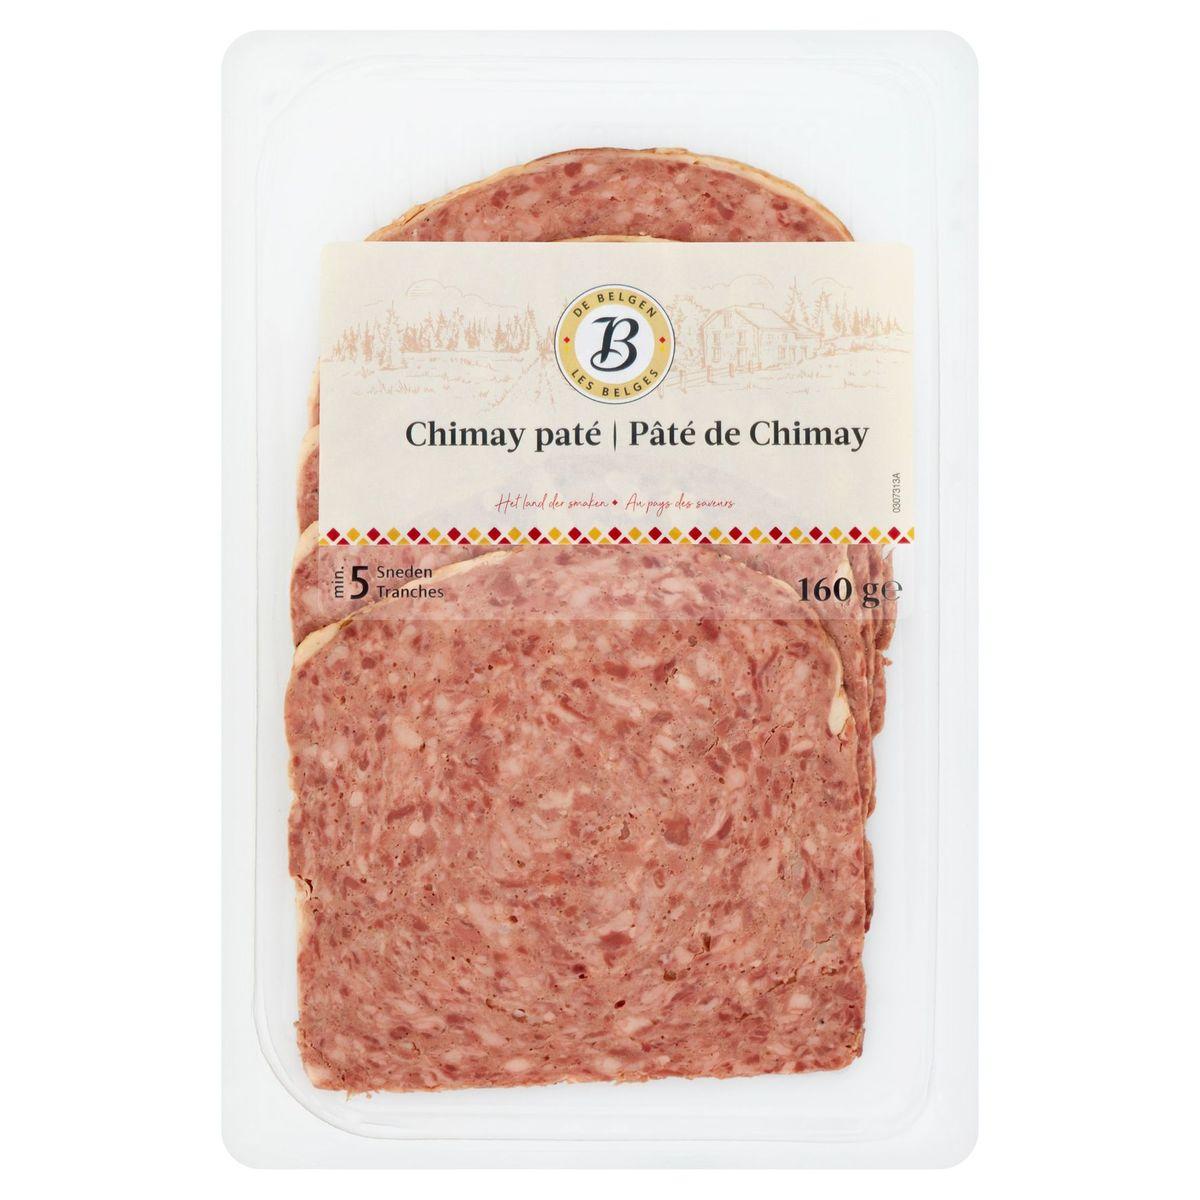 De Belgen Chimay Paté 160 g